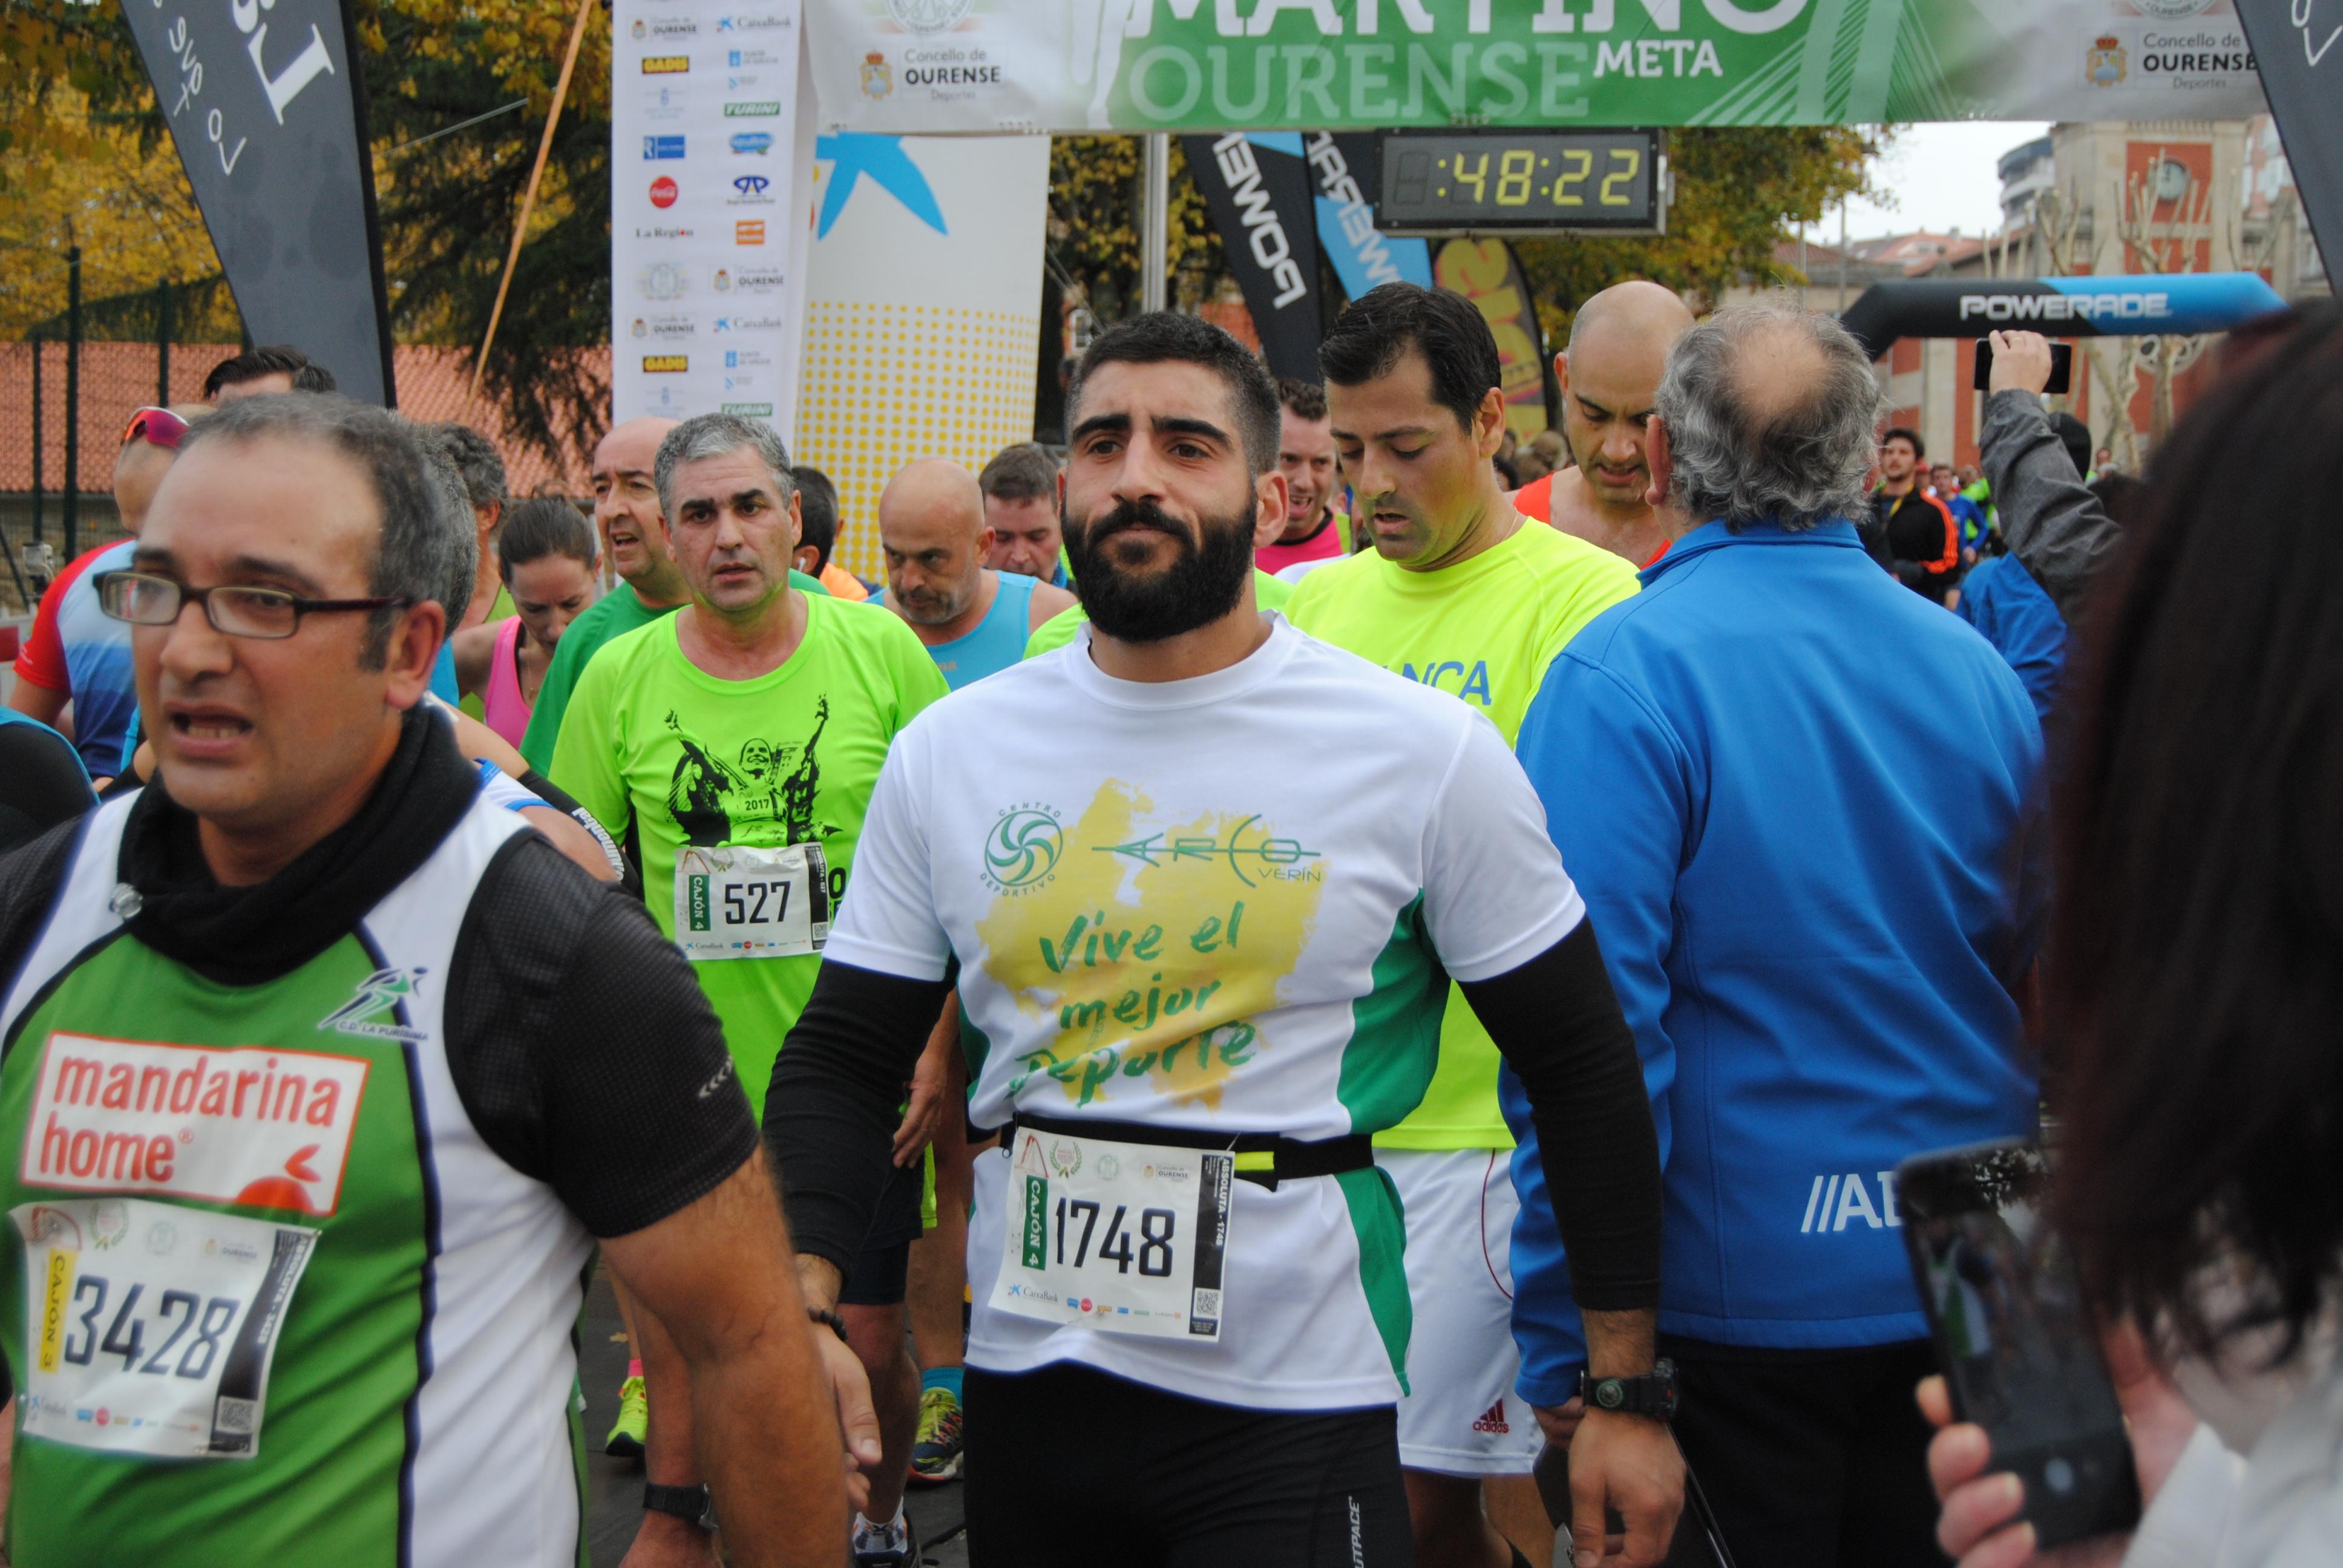 SanMartiño19-11-2017Ourense2